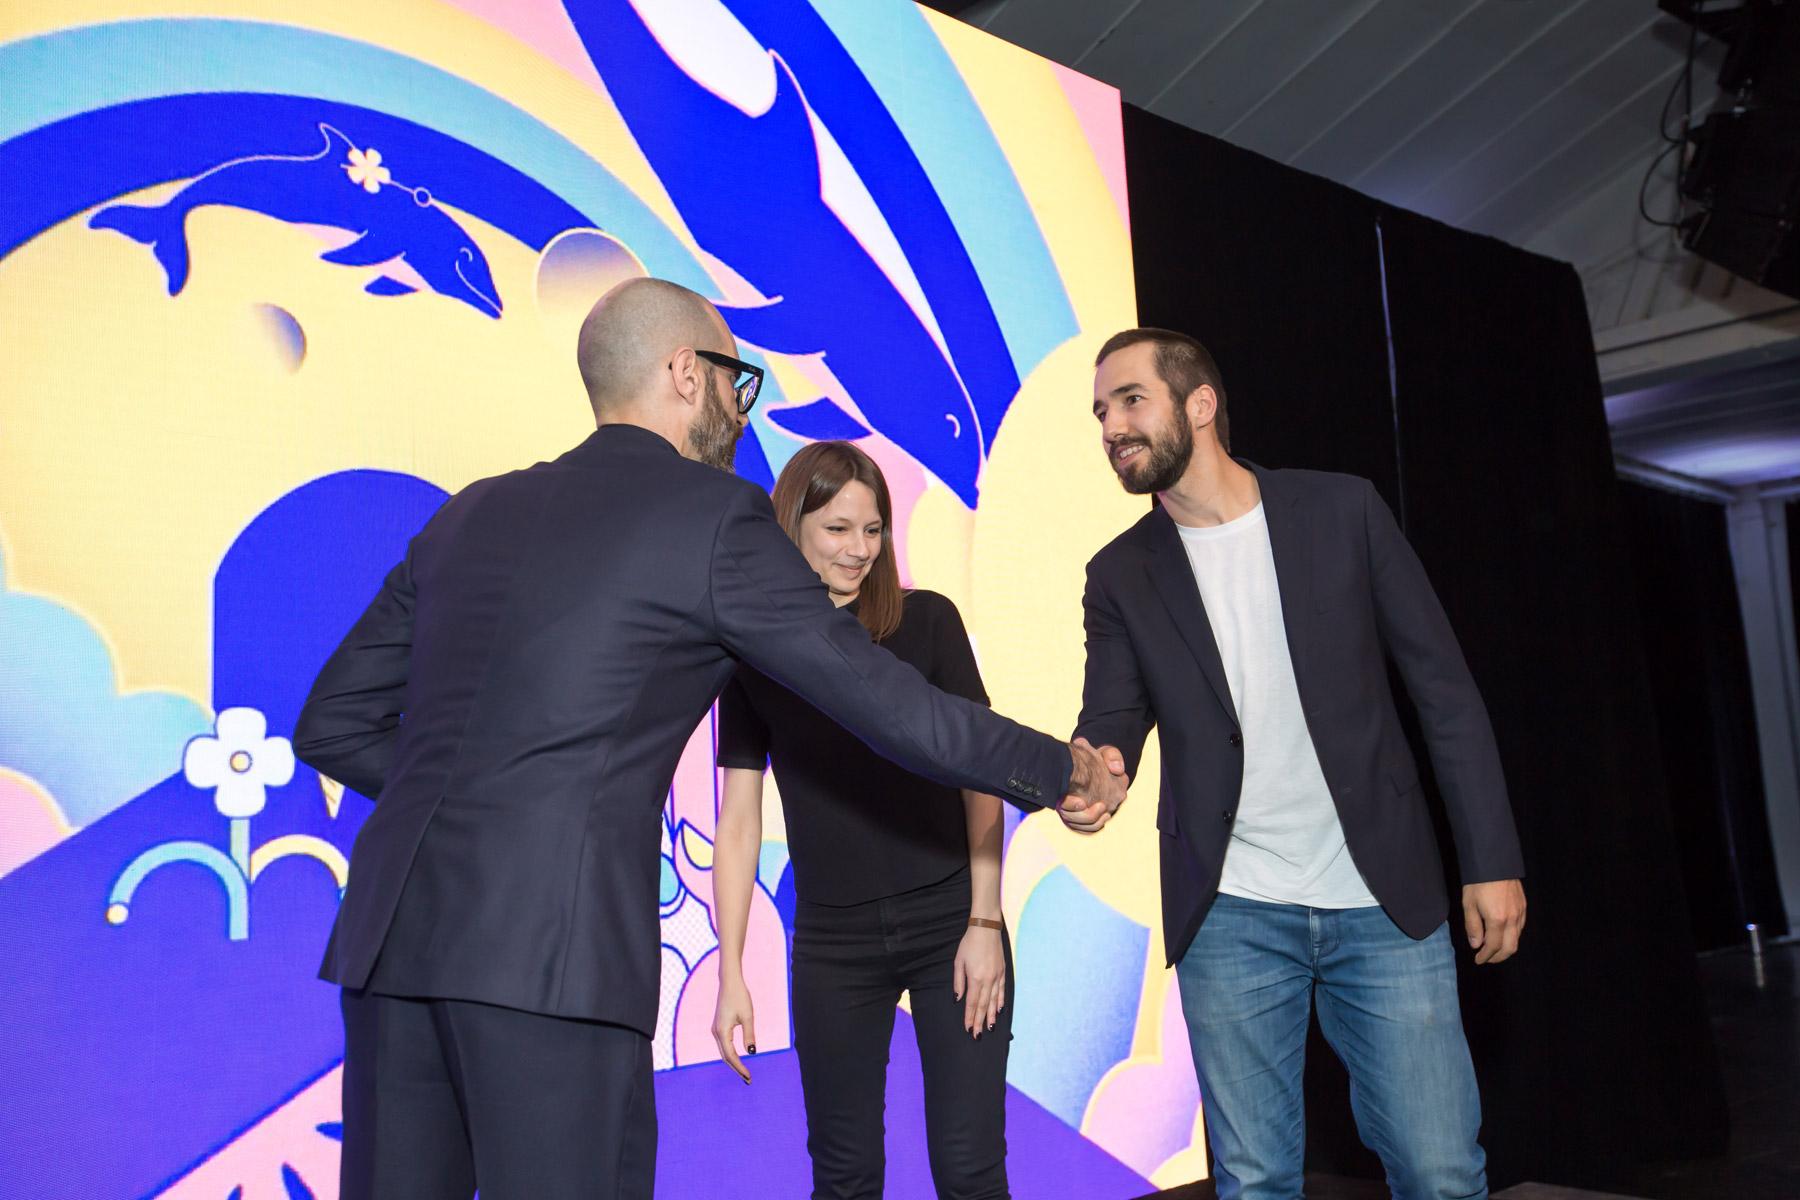 ADC Award NY Gala Ceremony, Emiliano Ponzi7